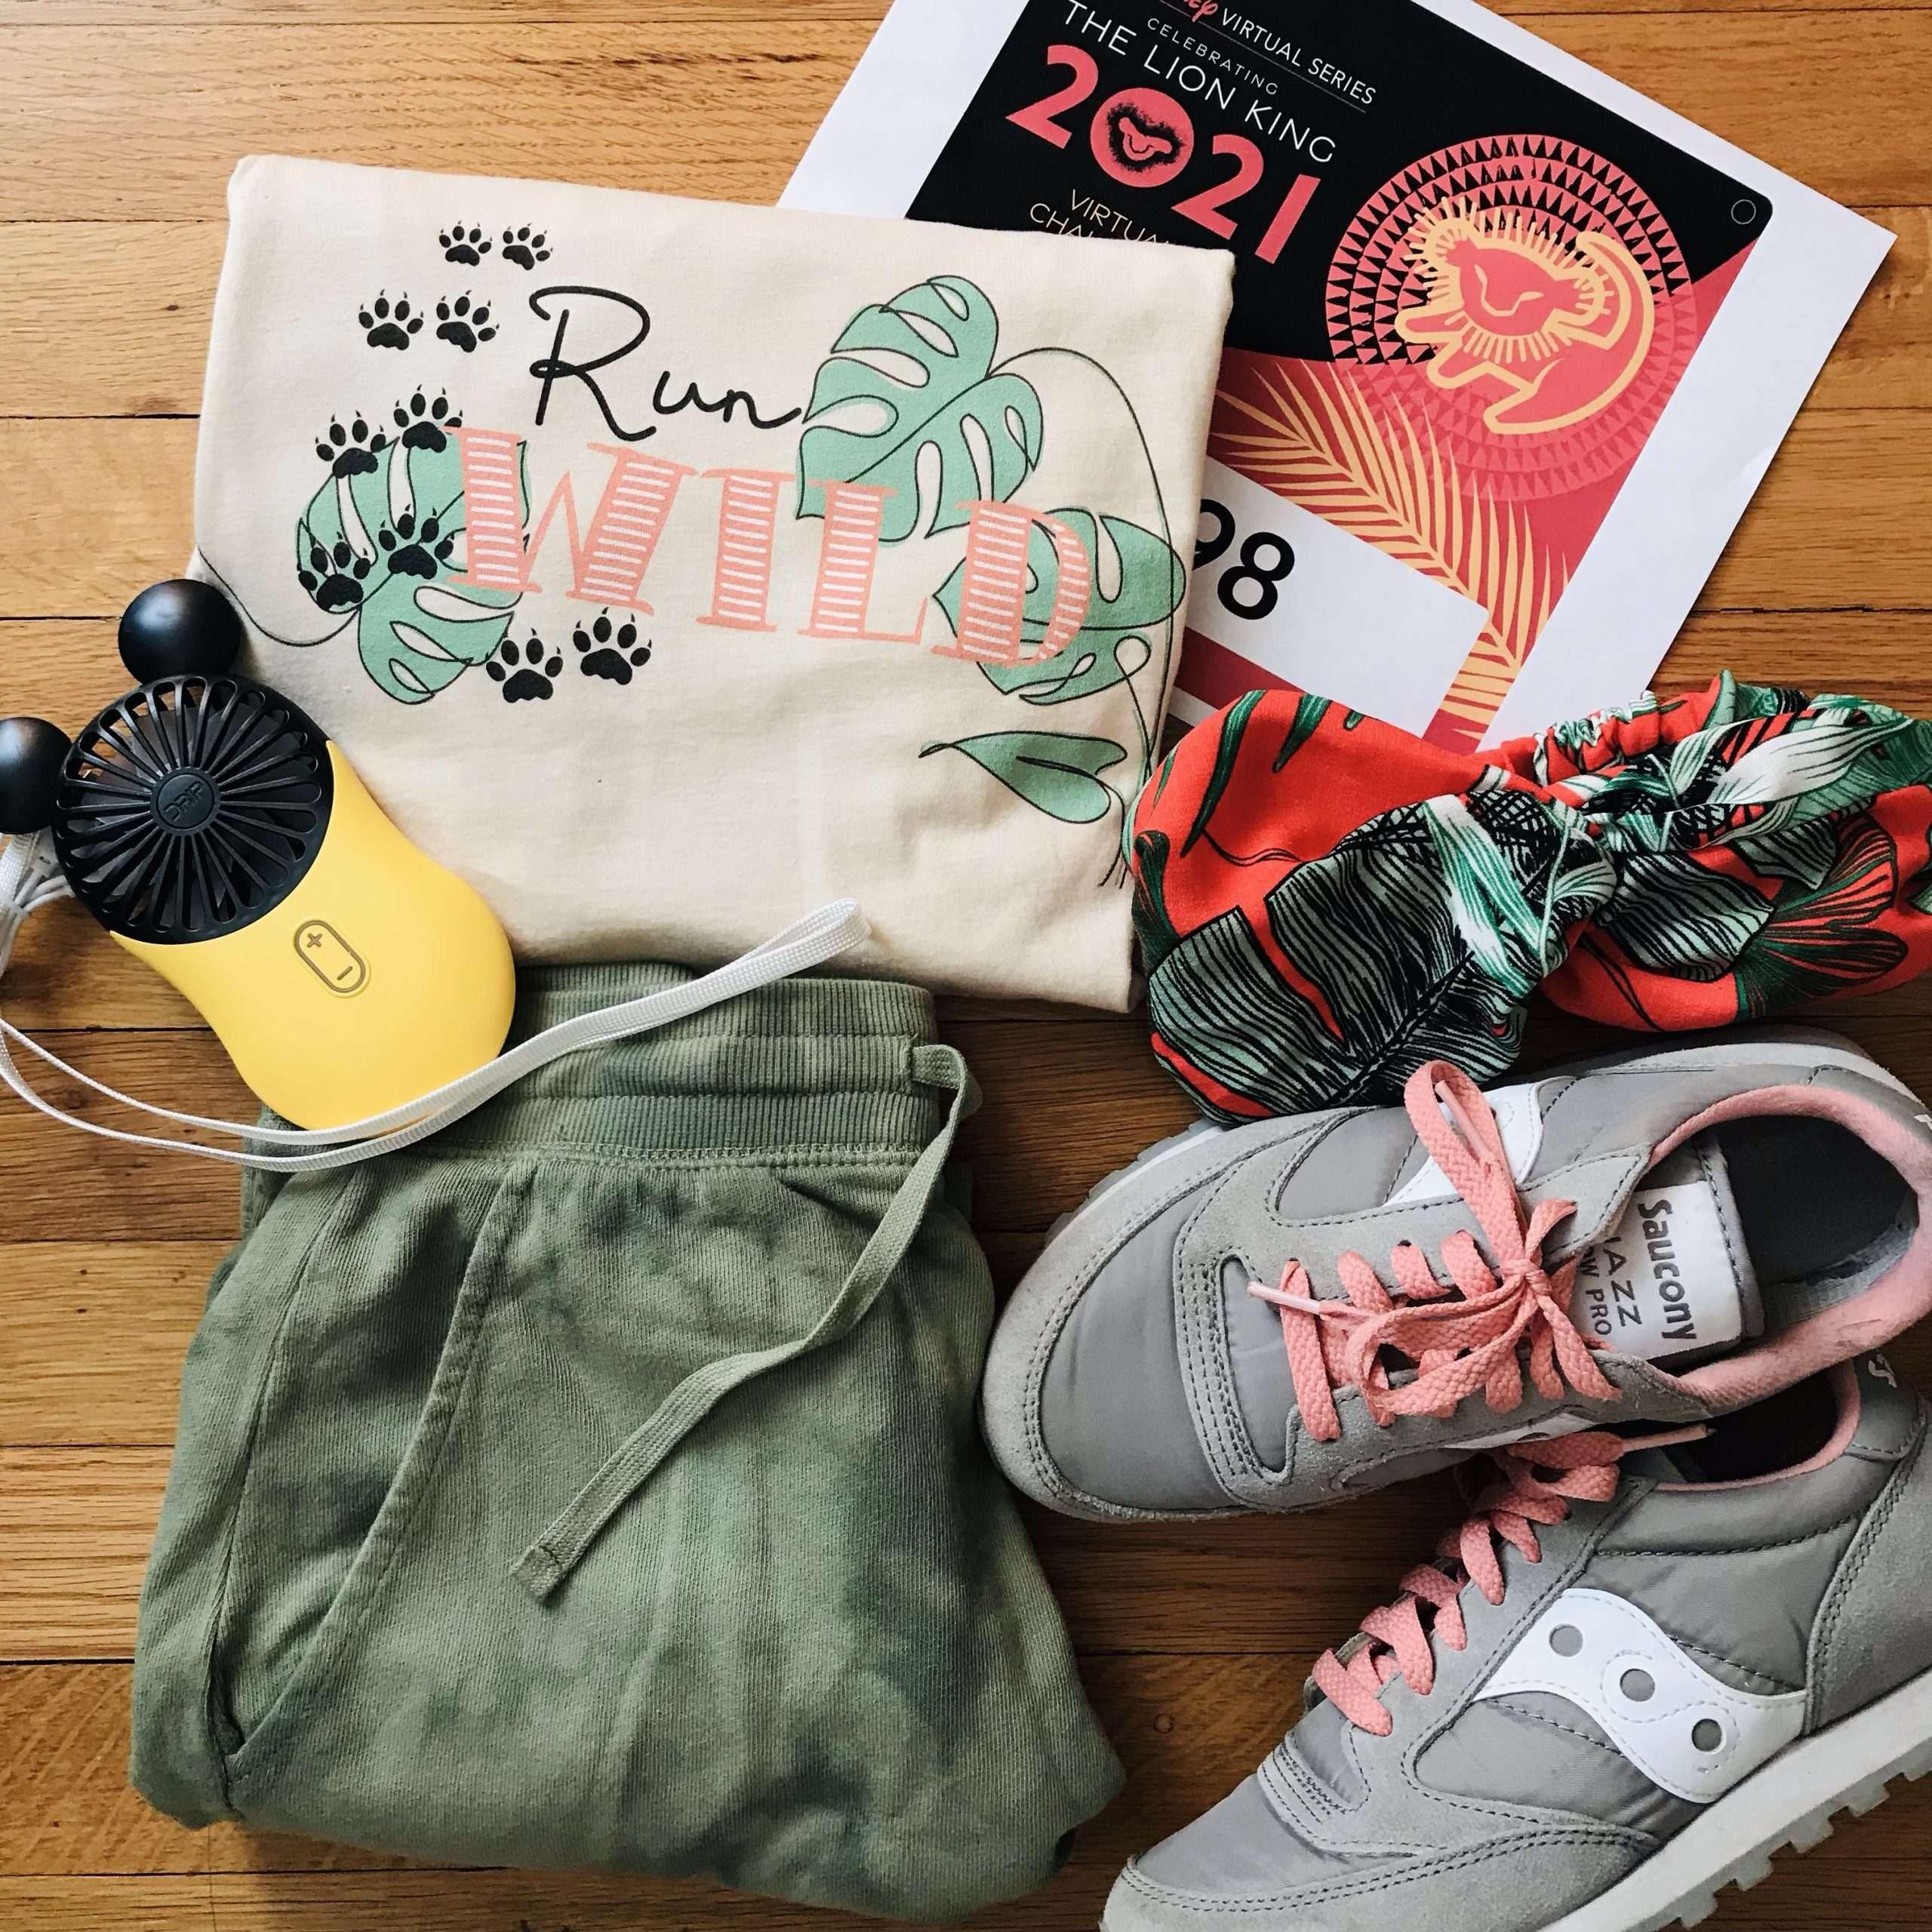 runDisney summer running